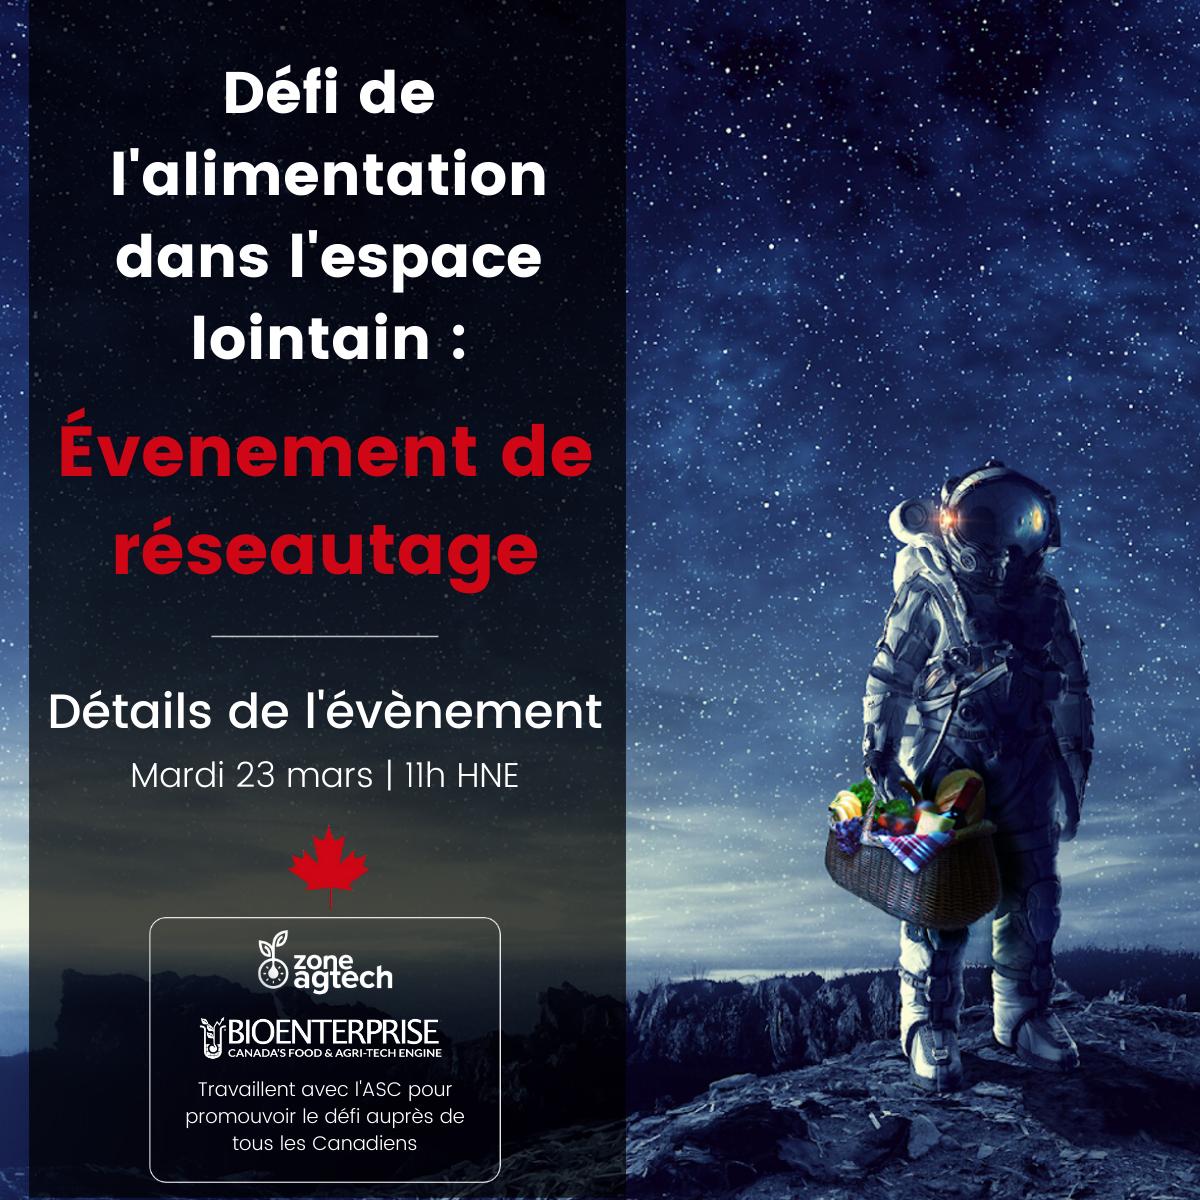 ÉVÈNEMENT DE MAILLAGE POUR LE DÉFI DE L'ALIMENTATION POUR L'ESPACE LOINTAIN